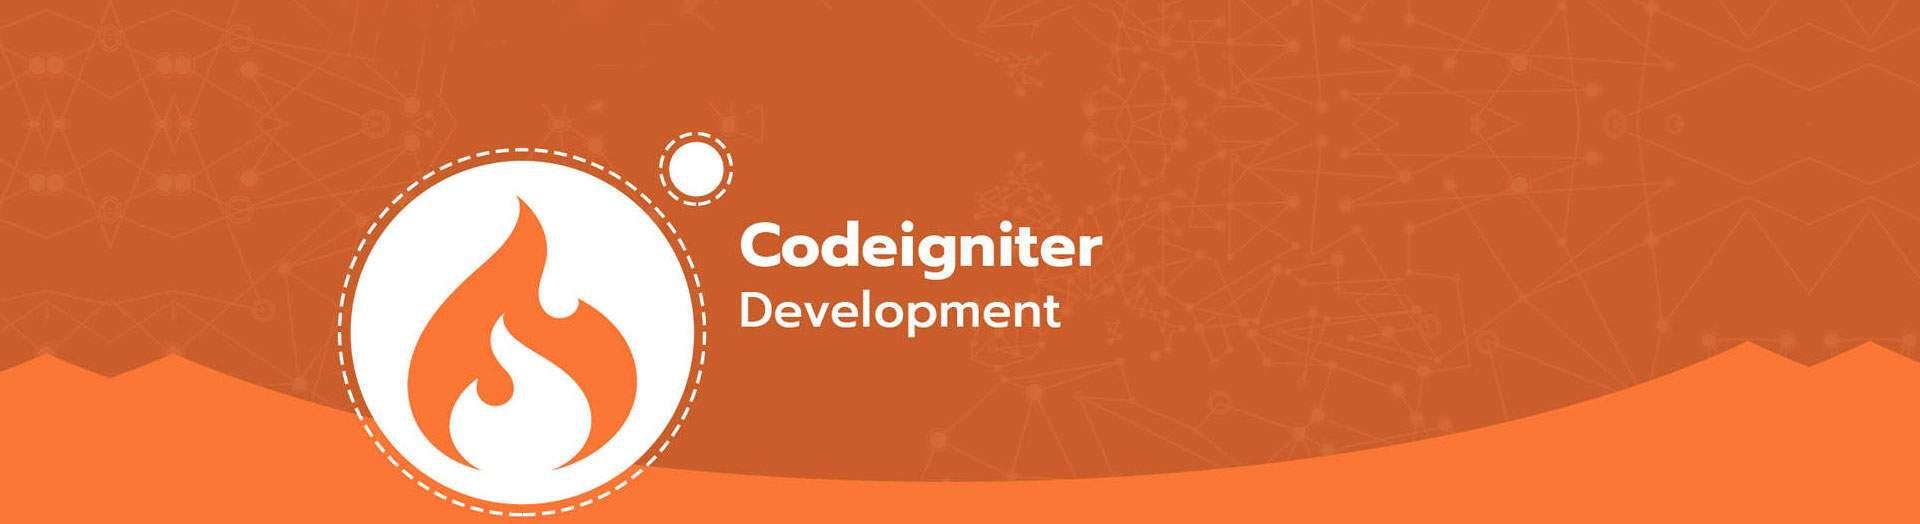 Codeignitor Developer